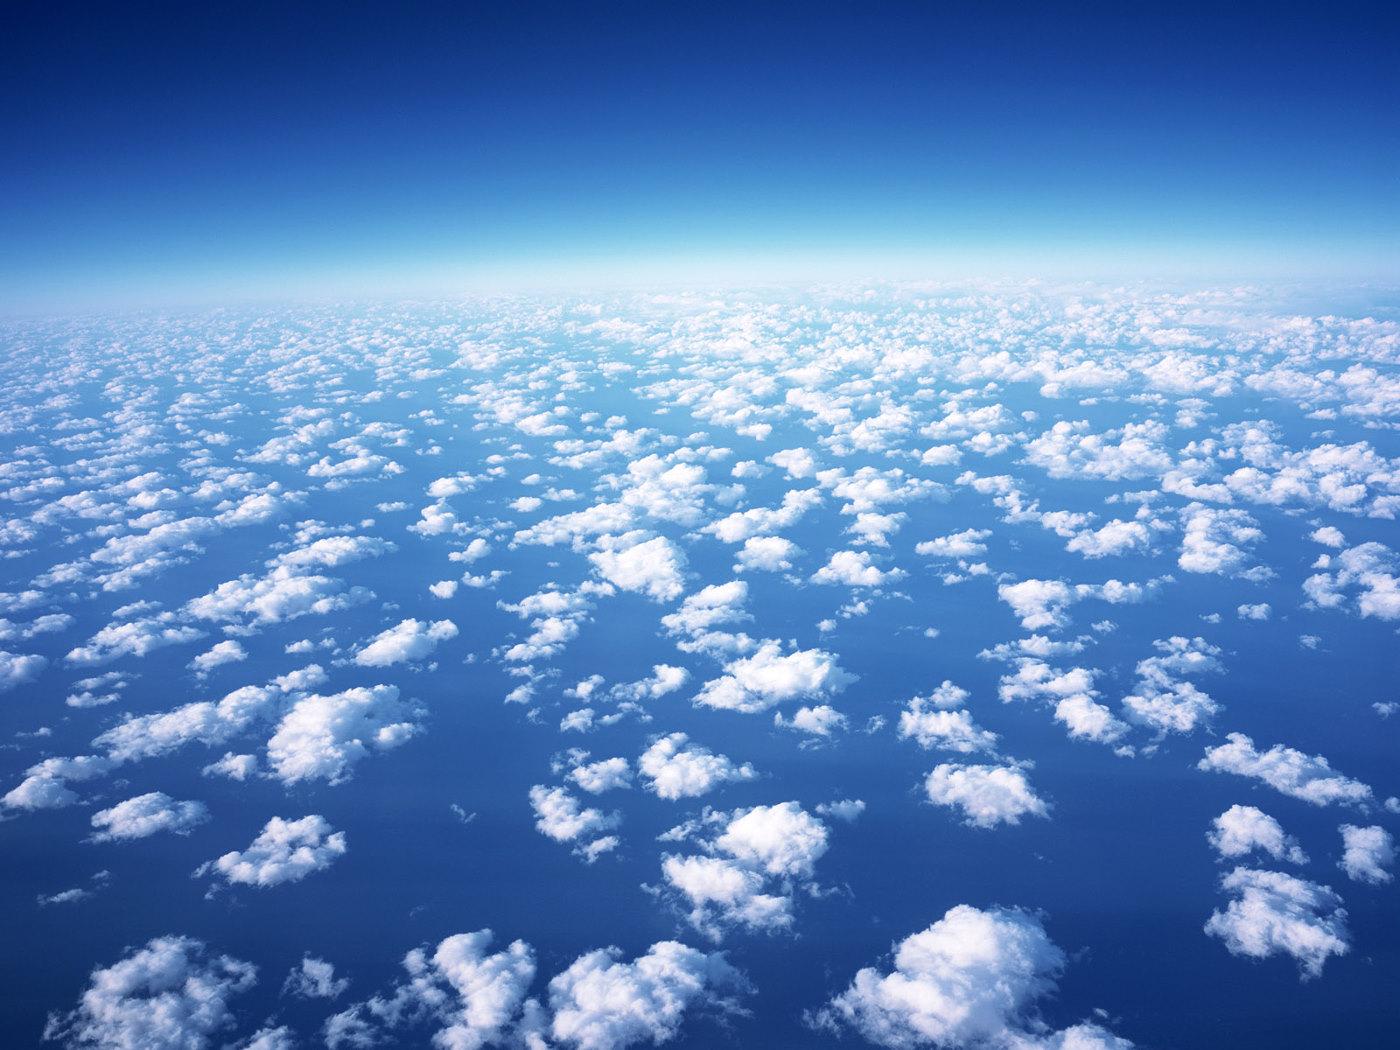 stunning cloud wallpaper 21890